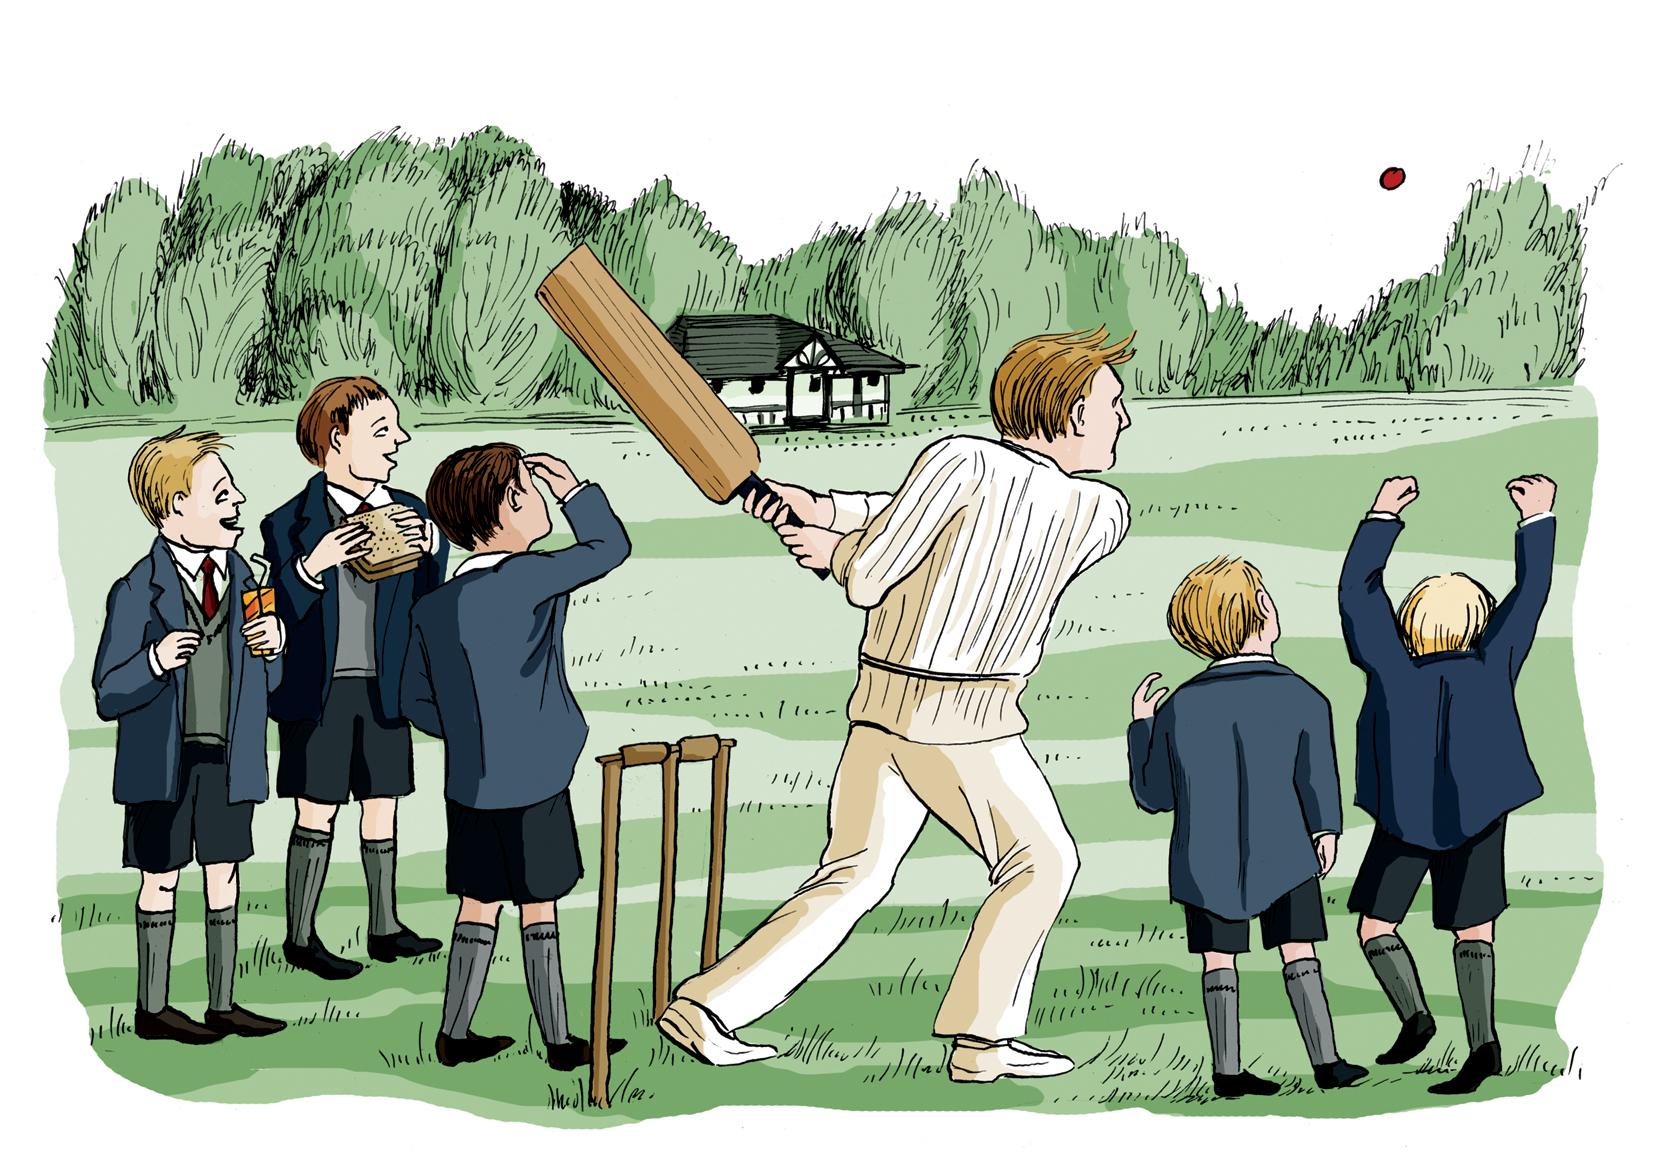 Gappies Cricket